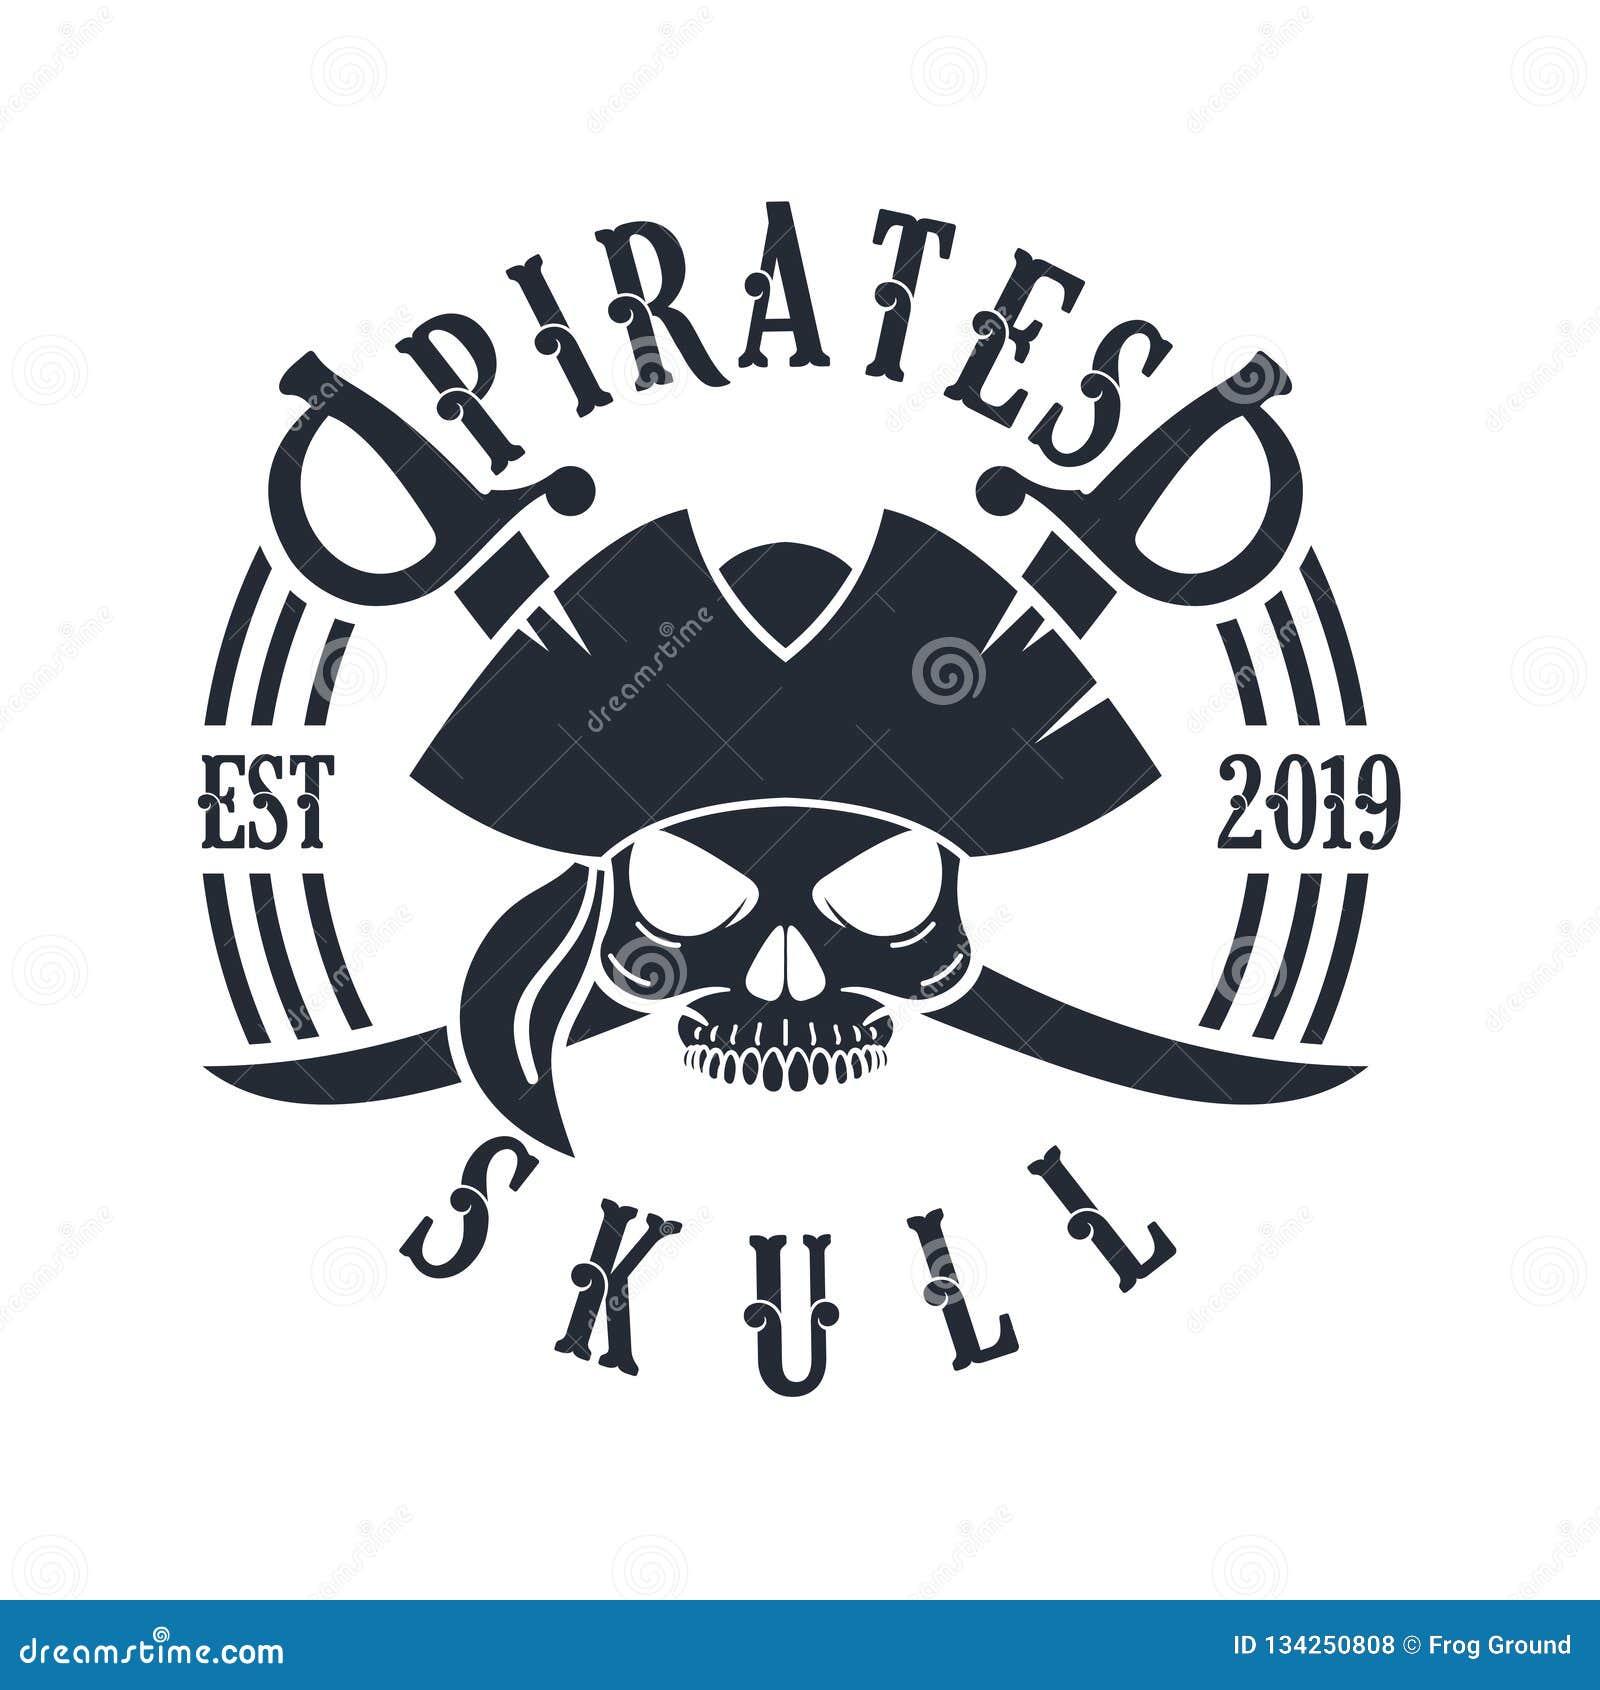 Timón Logo Design Vector Illustration, emblema del cráneo y de la nave del pirata en estilo monocromático del vintage aislado en